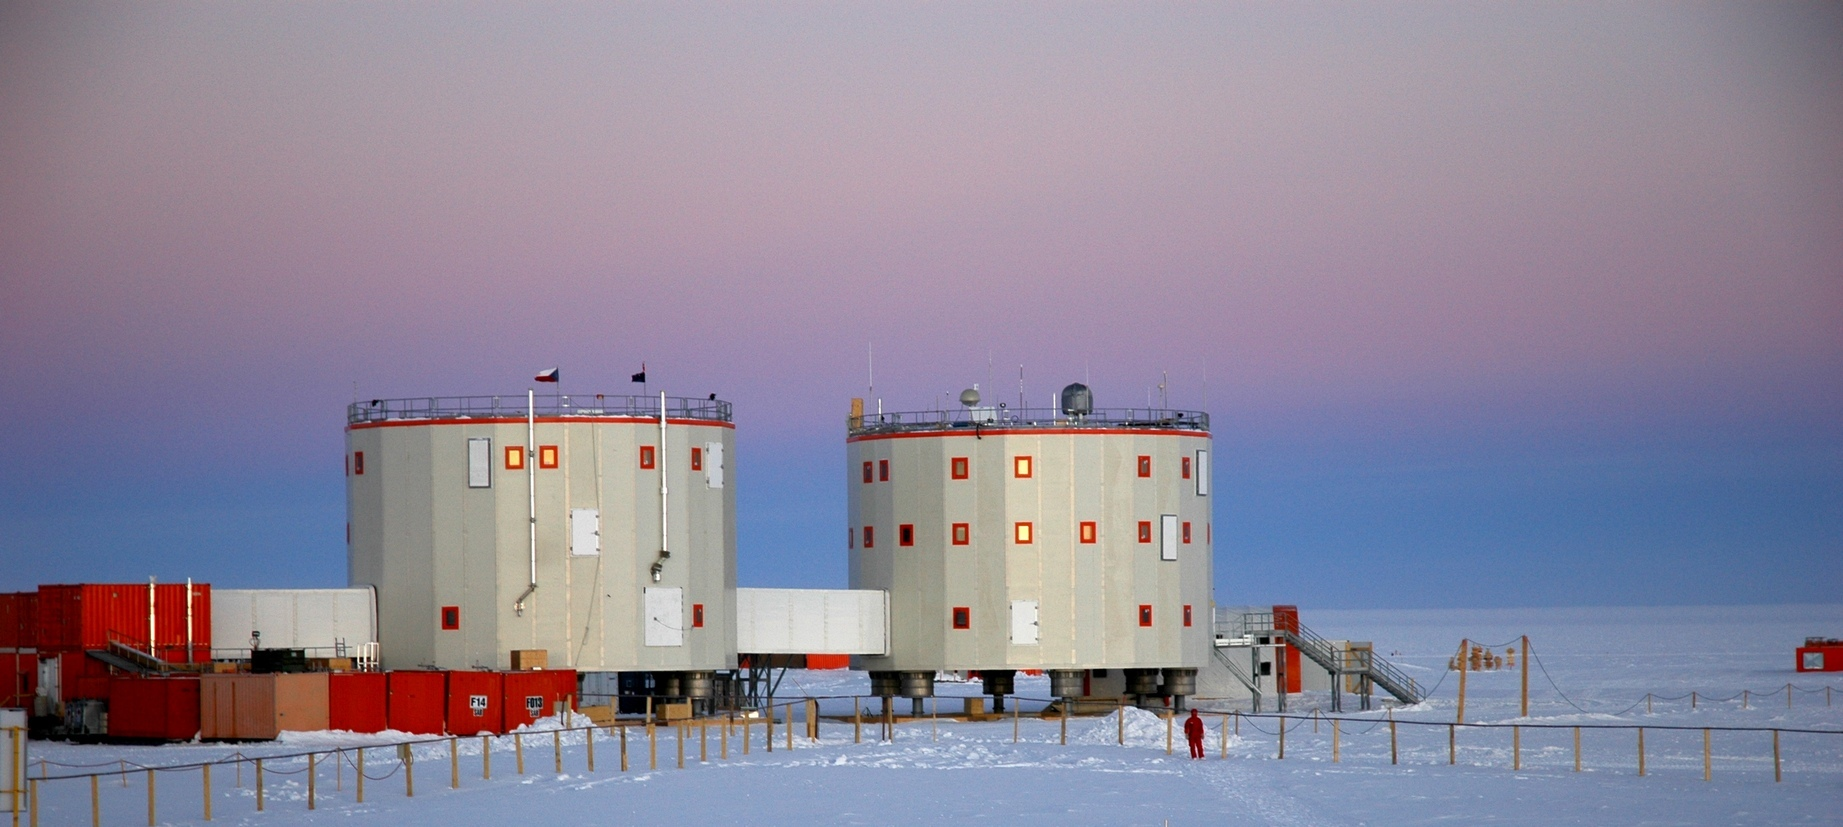 Resultado de imagen de concordia station antarctica